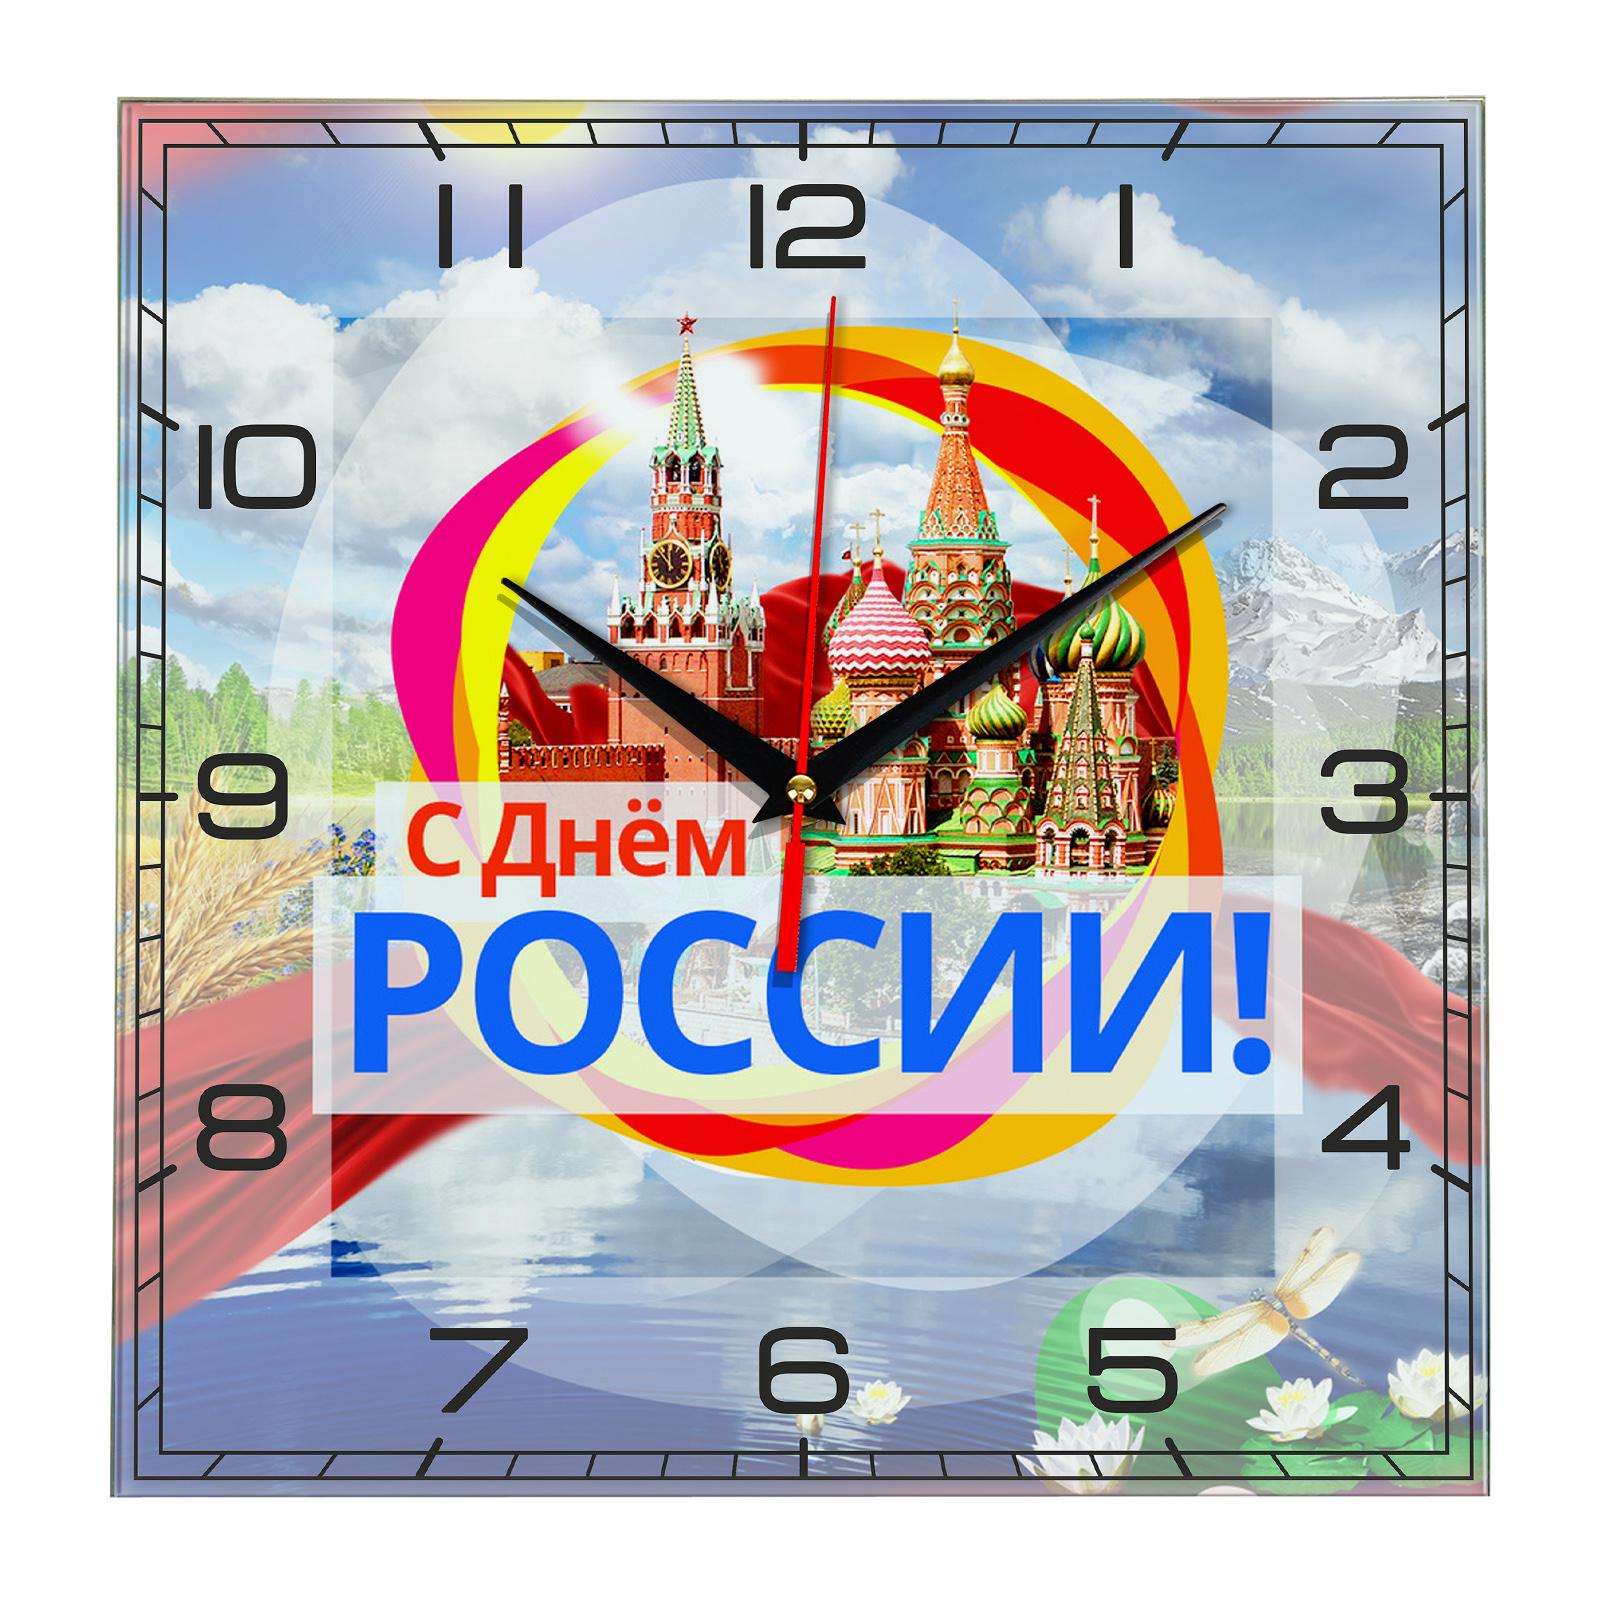 clock_rossia23_0013_svetl-kvadtat